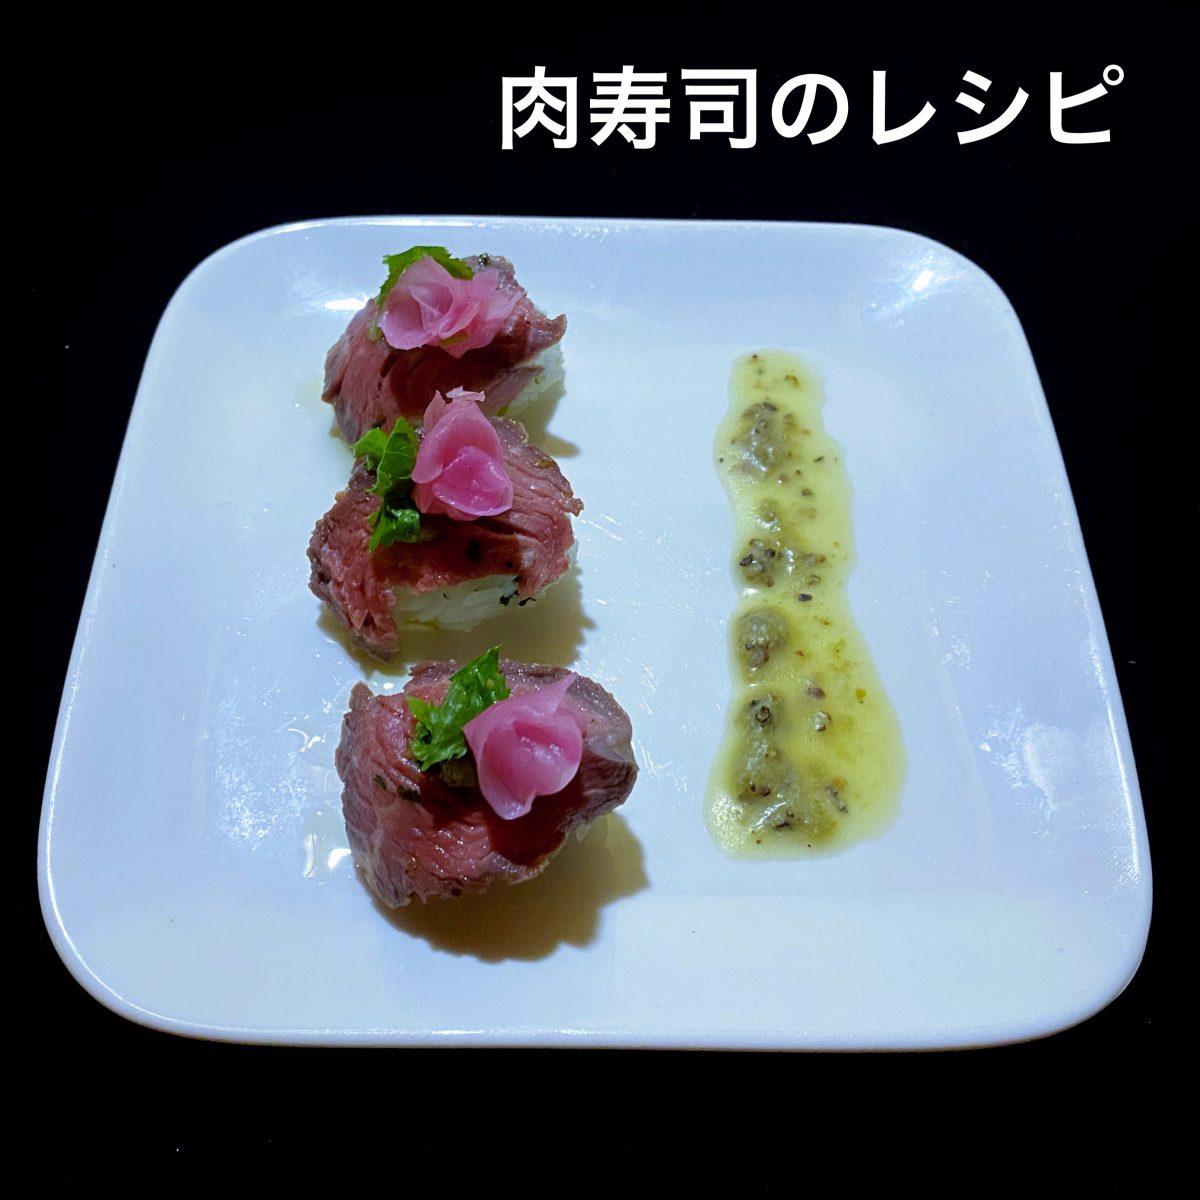 まるで生肉?とっても美味しい肉寿司の作り方